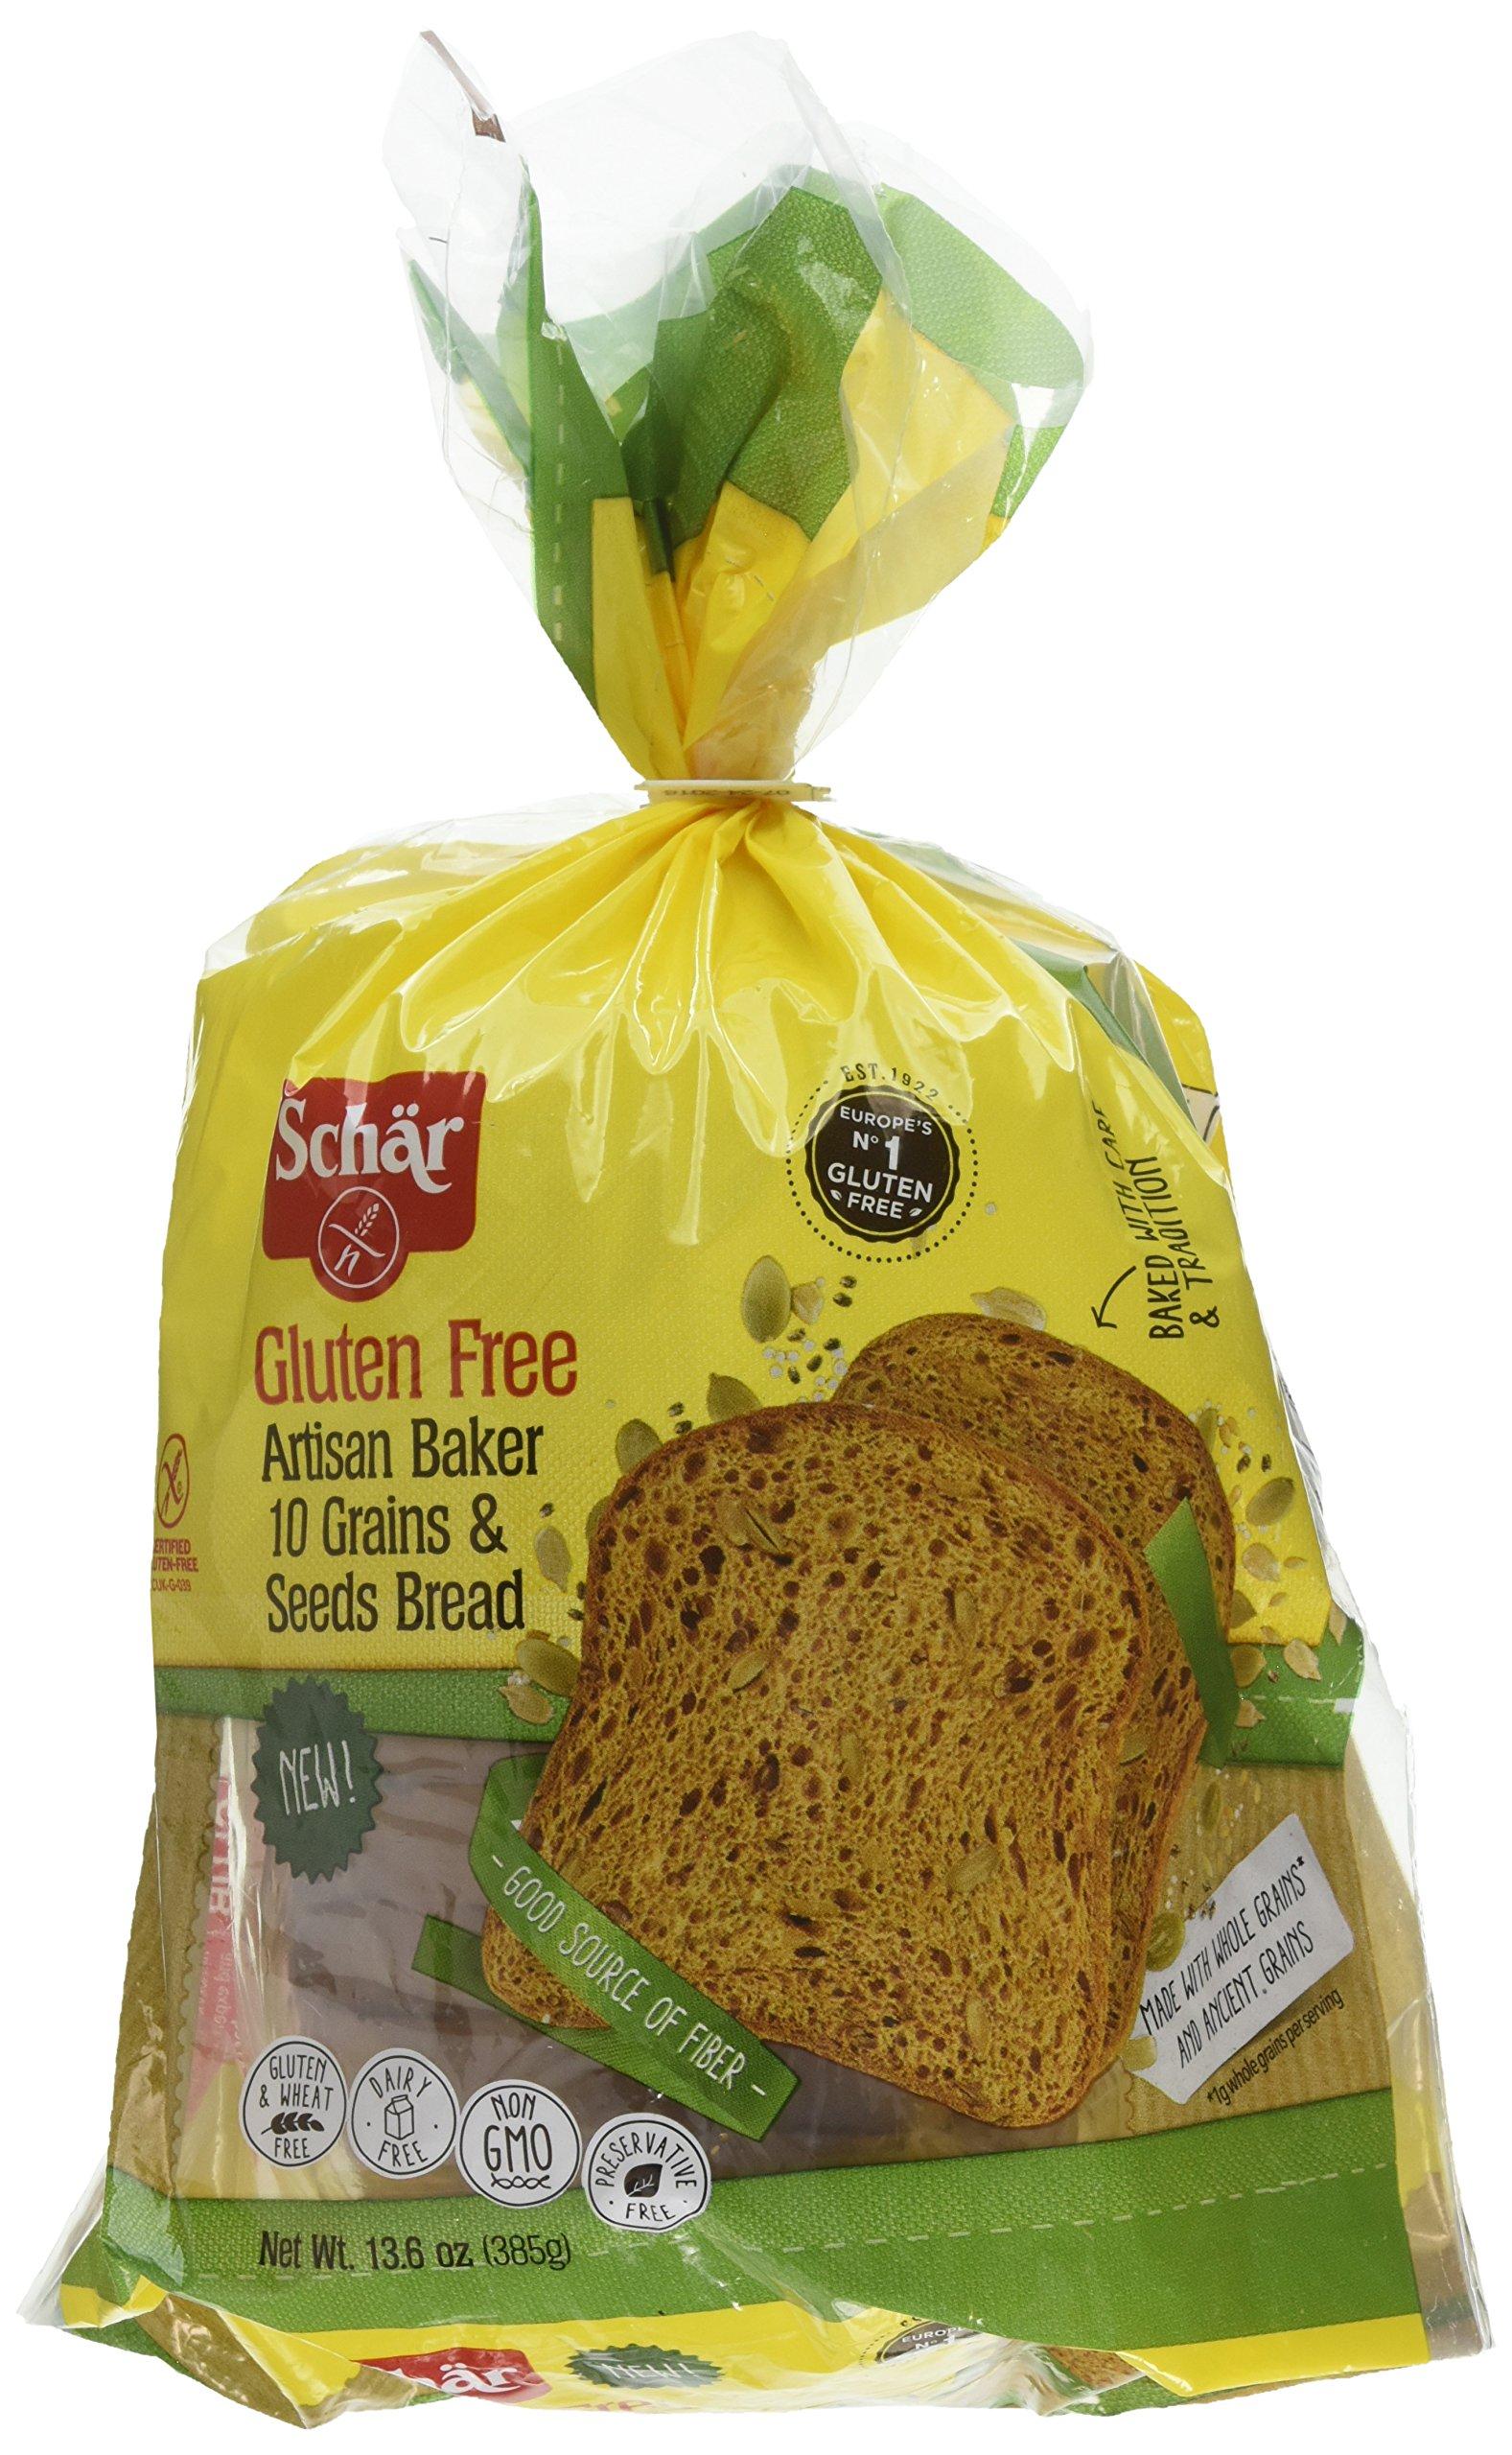 Schar Gluten Free Artisan Baker 10 Grain & Seeds Bread, 6 Count by Schar (Image #1)